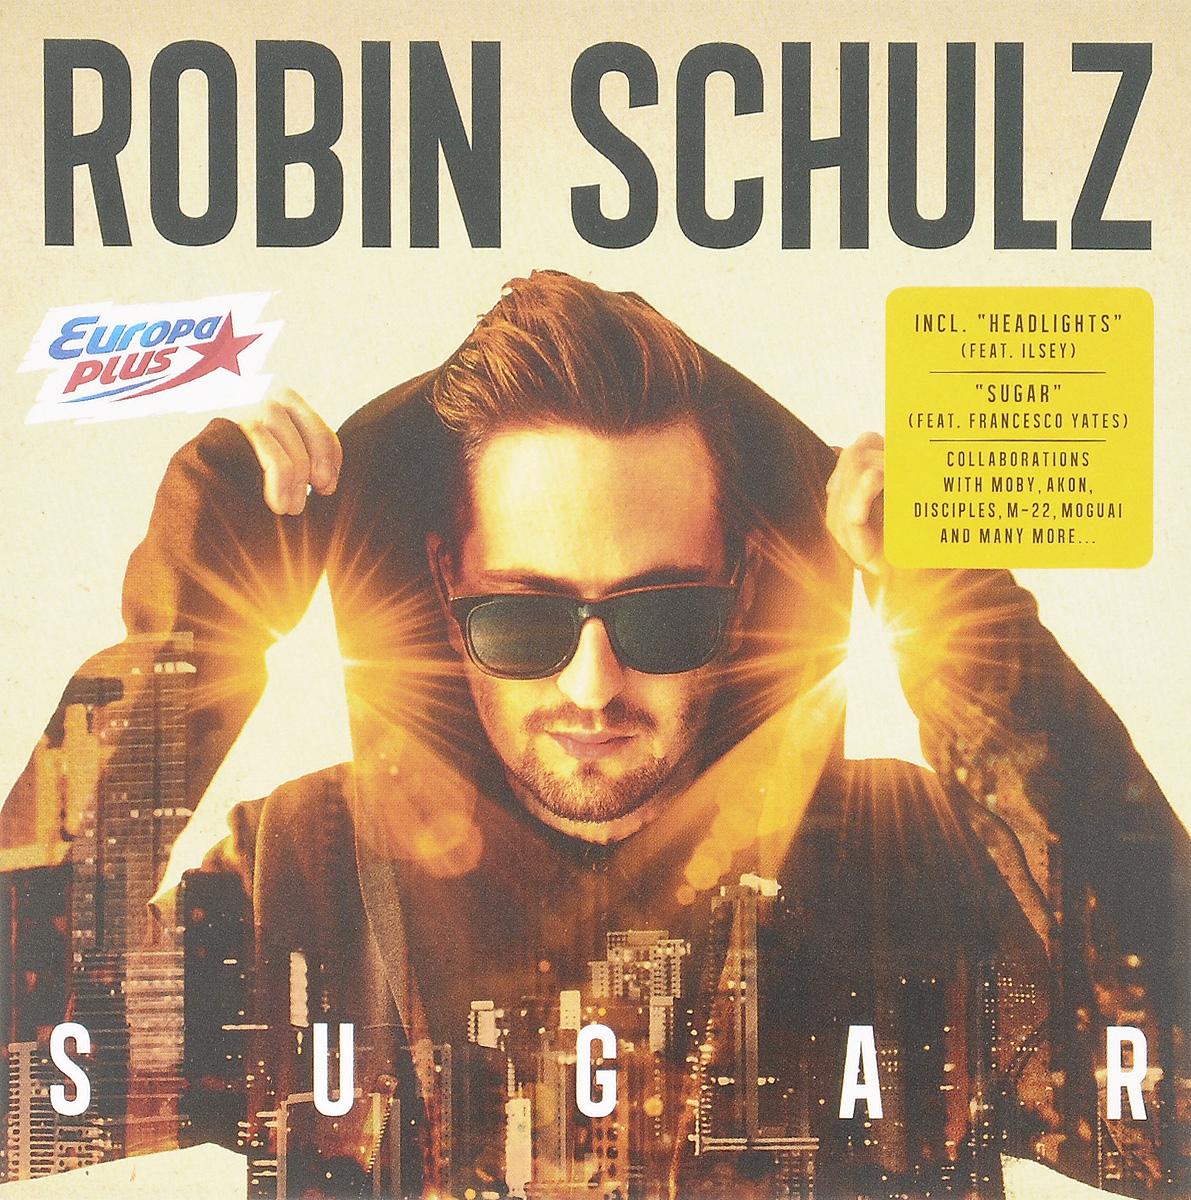 Робин Шульц Robin Schulz. Sugar robin schulz robin schulz uncovered 2 lp